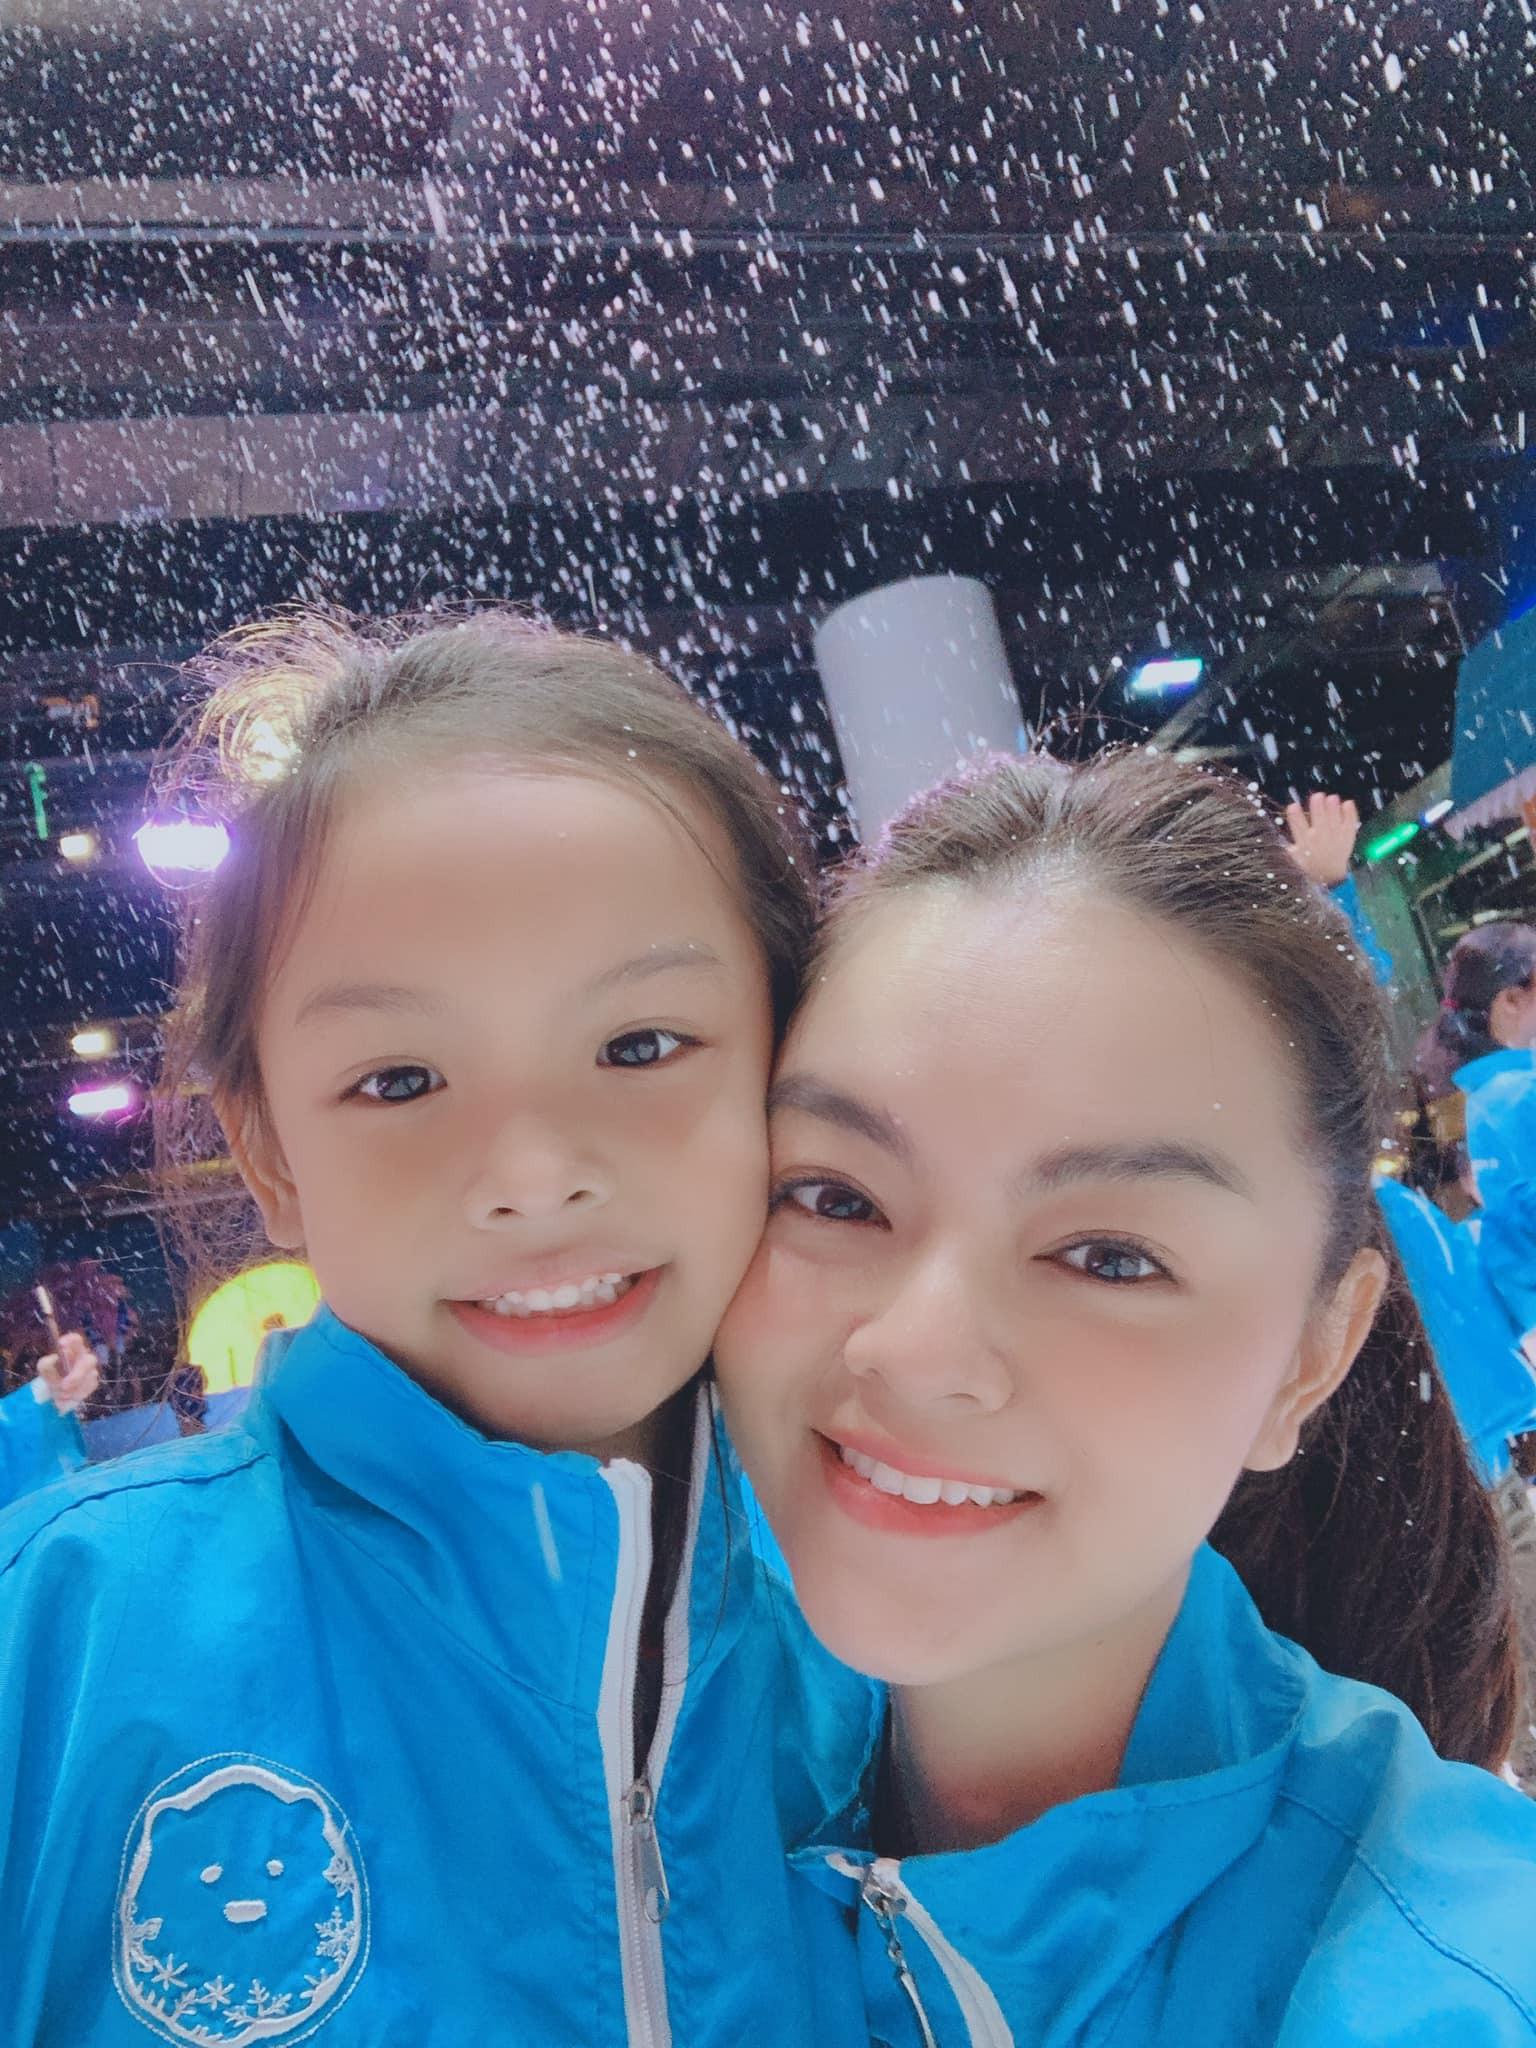 Phạm Quỳnh Anh cảm ơn con gái đầu khiến dân mạng tan chảy, các bậc phụ huynh lại xúc động vì bài học phía sau-2